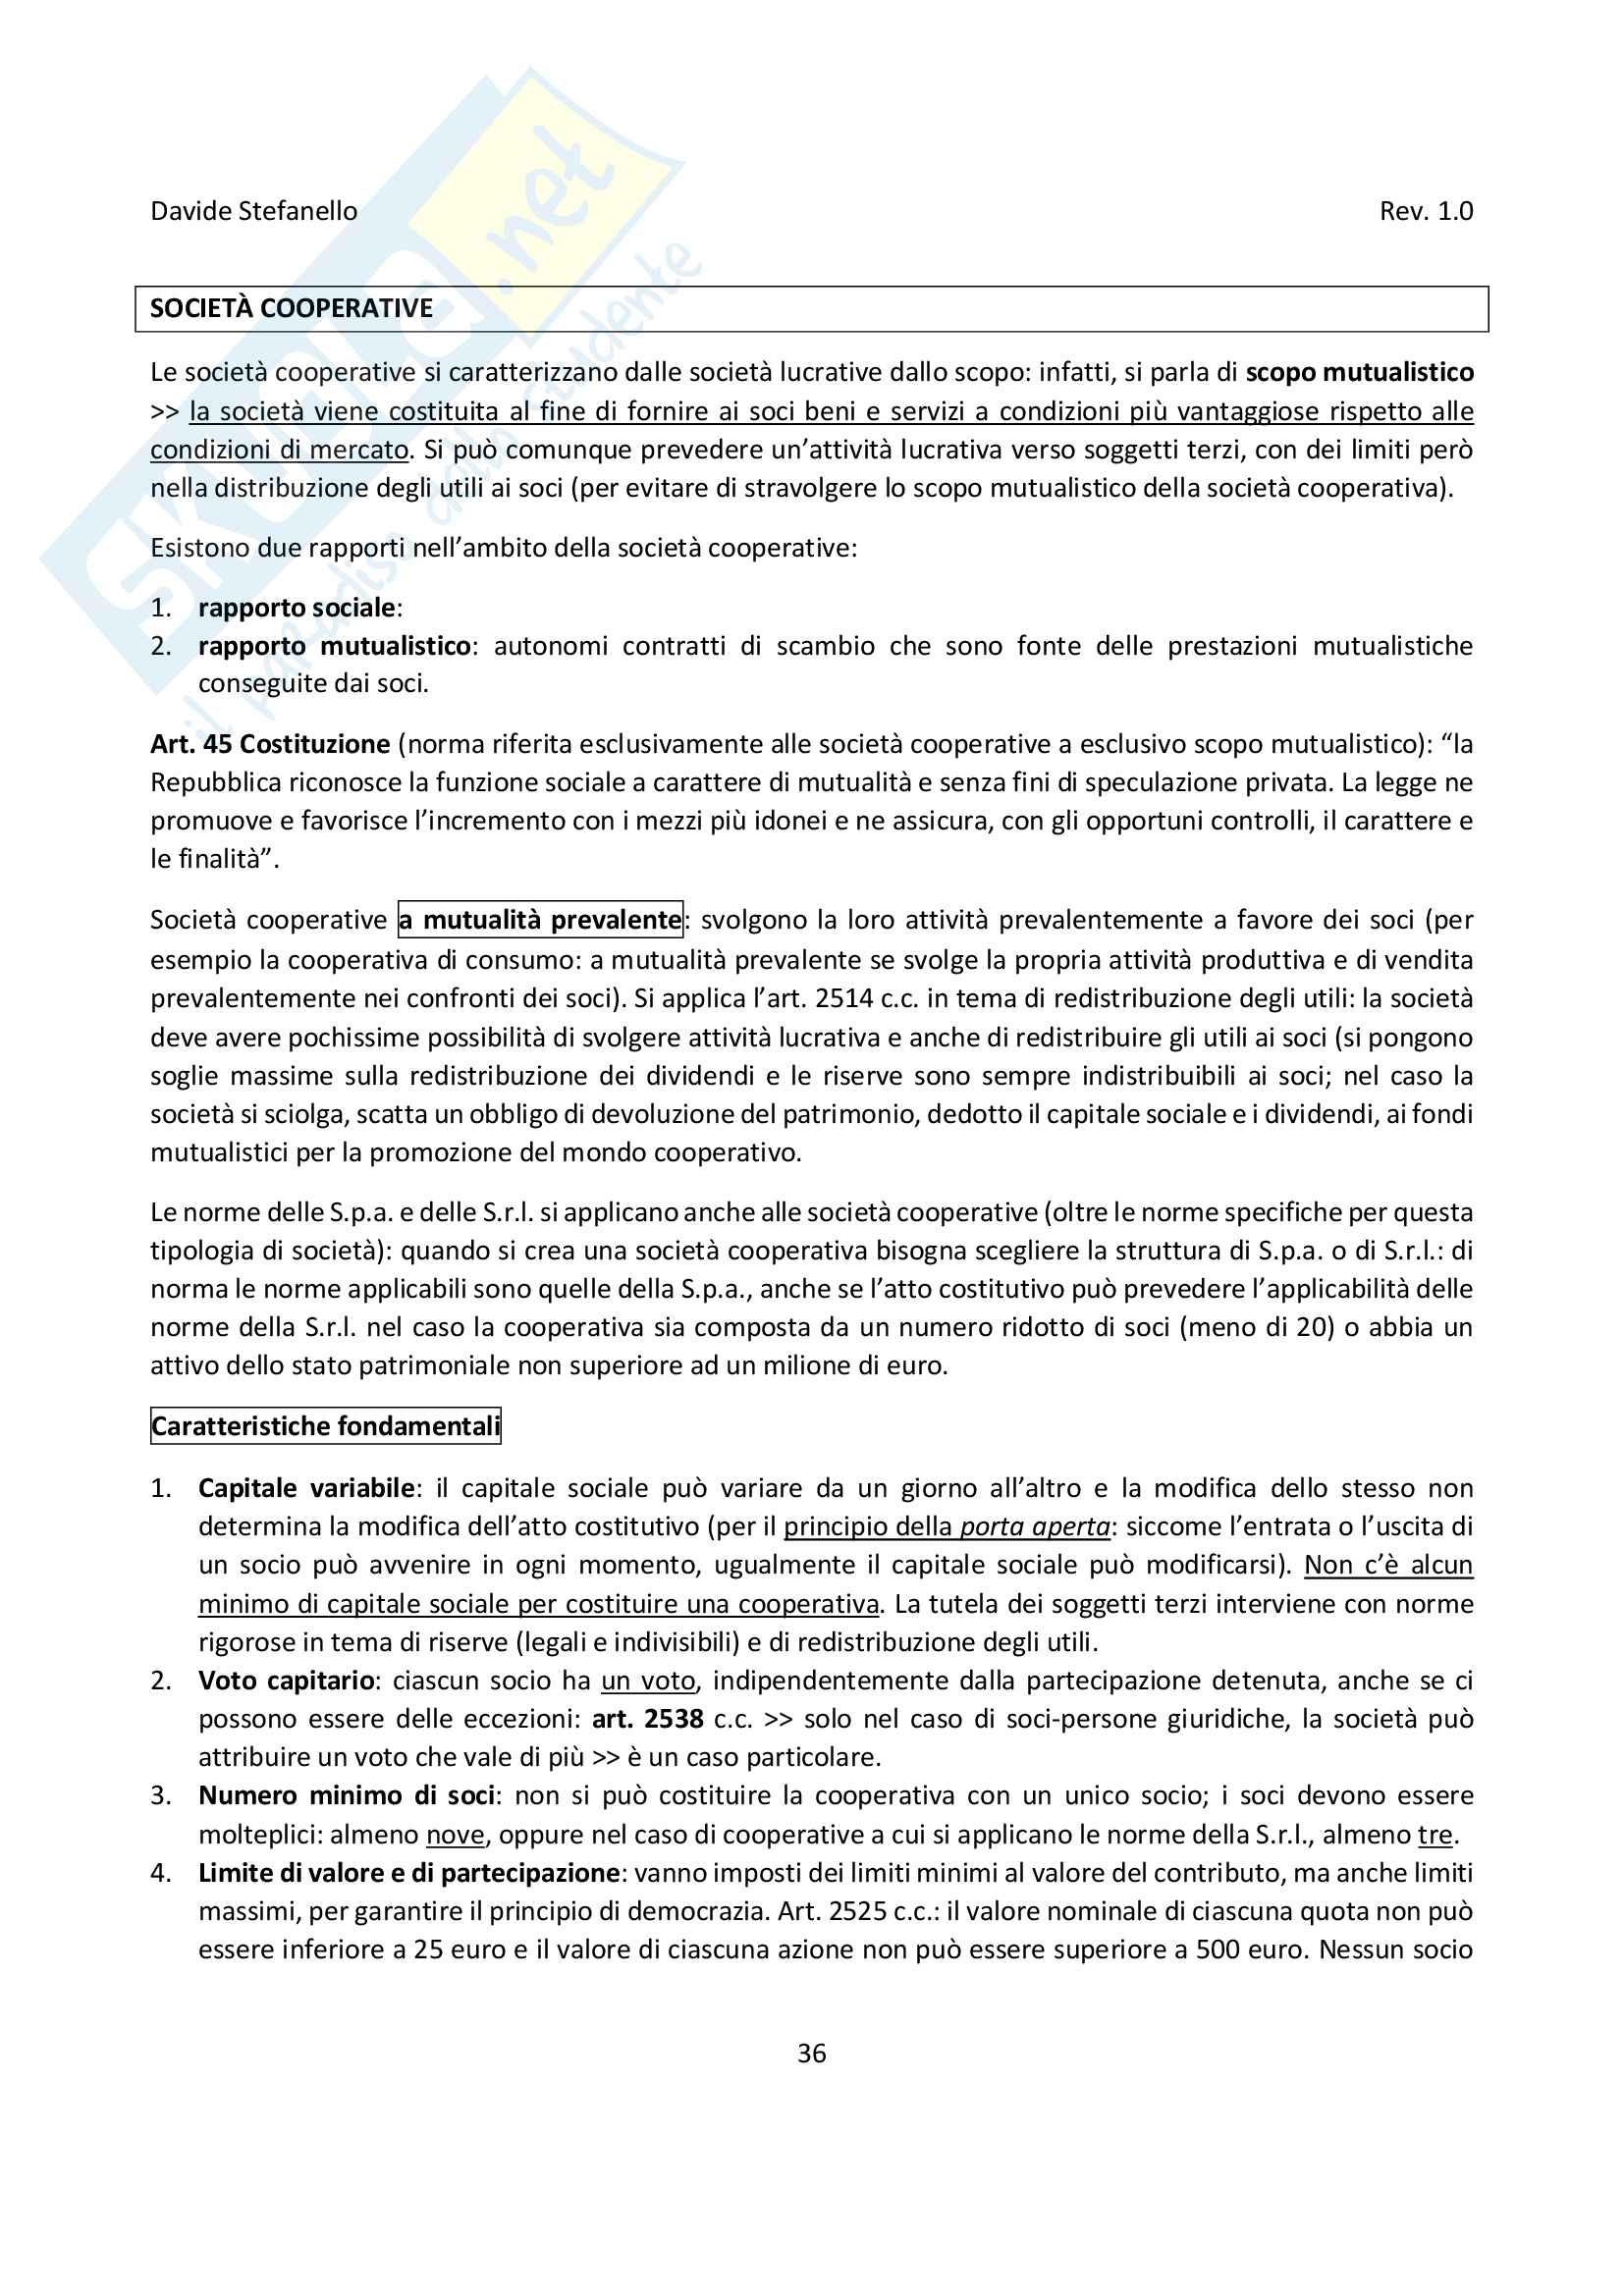 Diritto delle società di capitali - Appunti di diritto commerciale Pag. 36